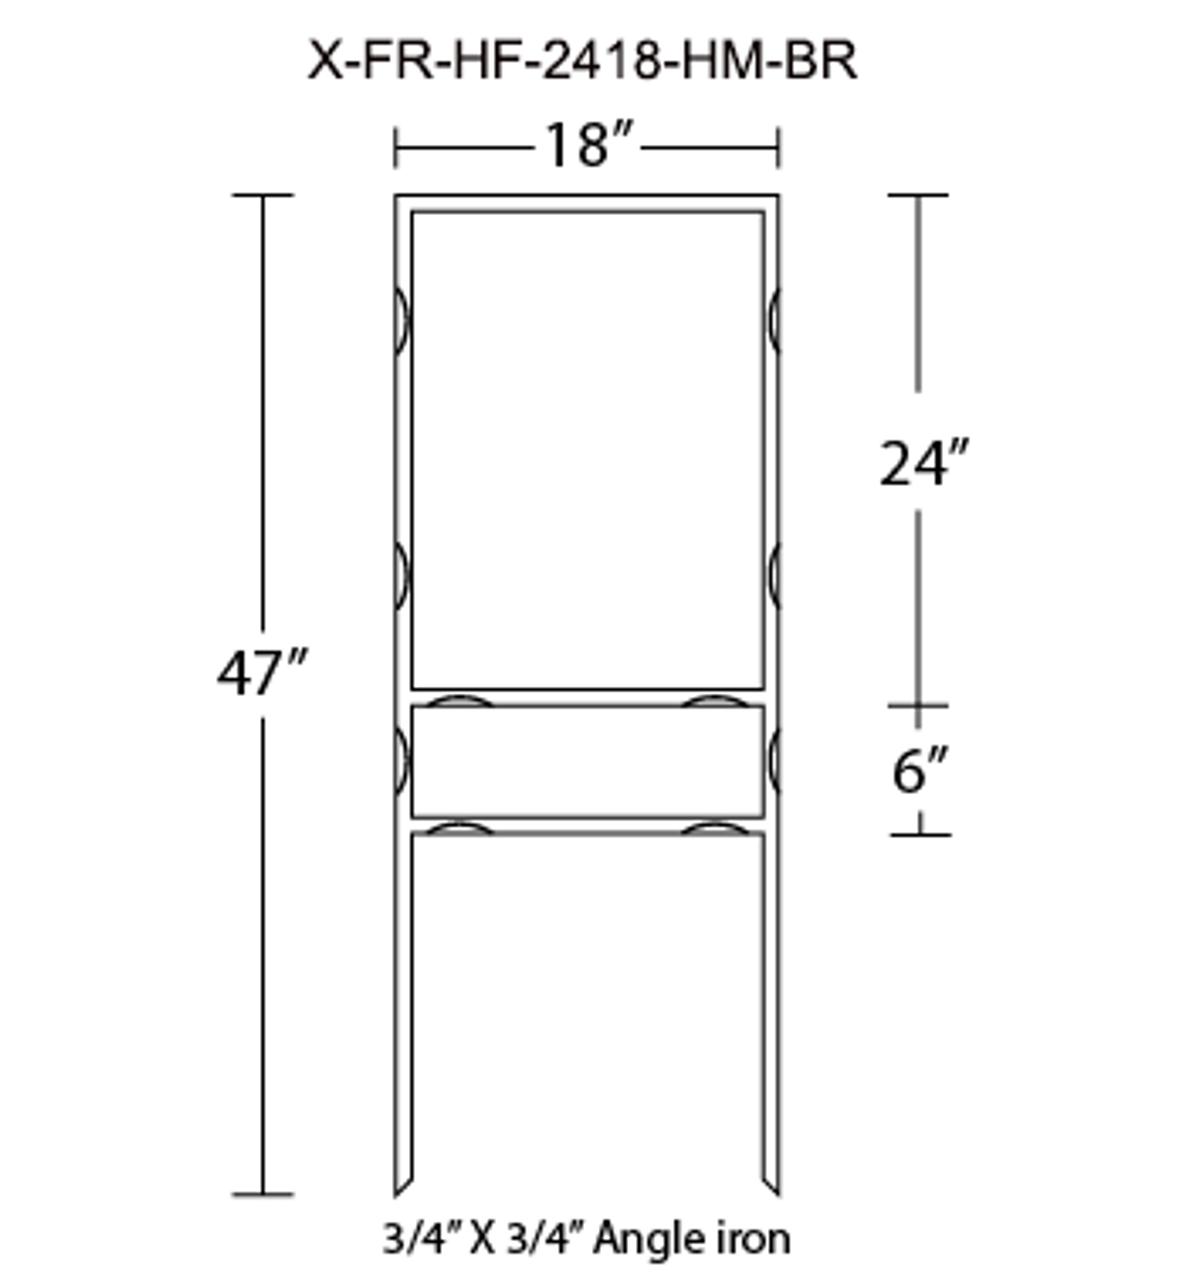 X-FR-HF-2418-HM-BR